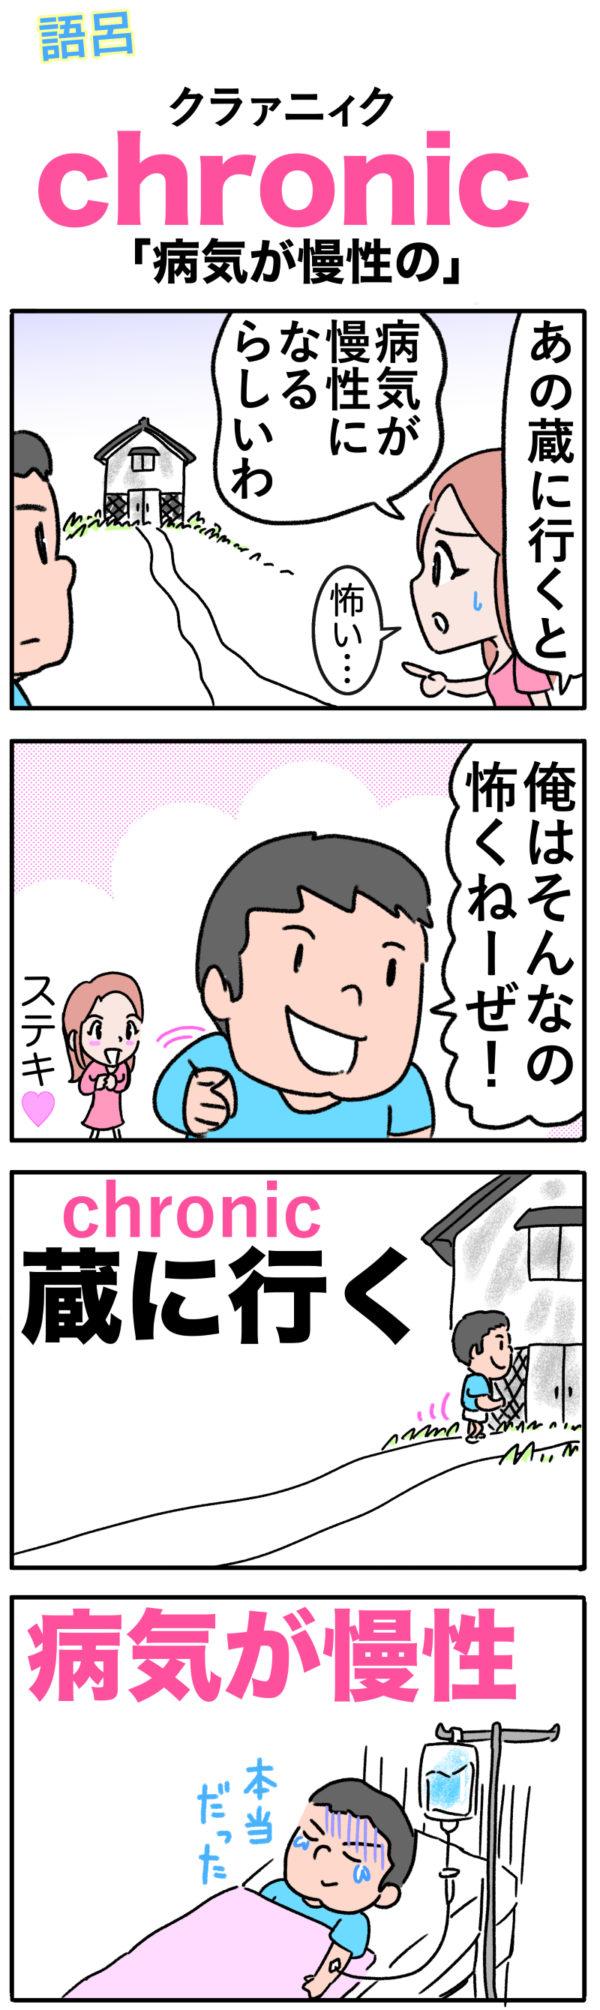 chronic語呂合わせ